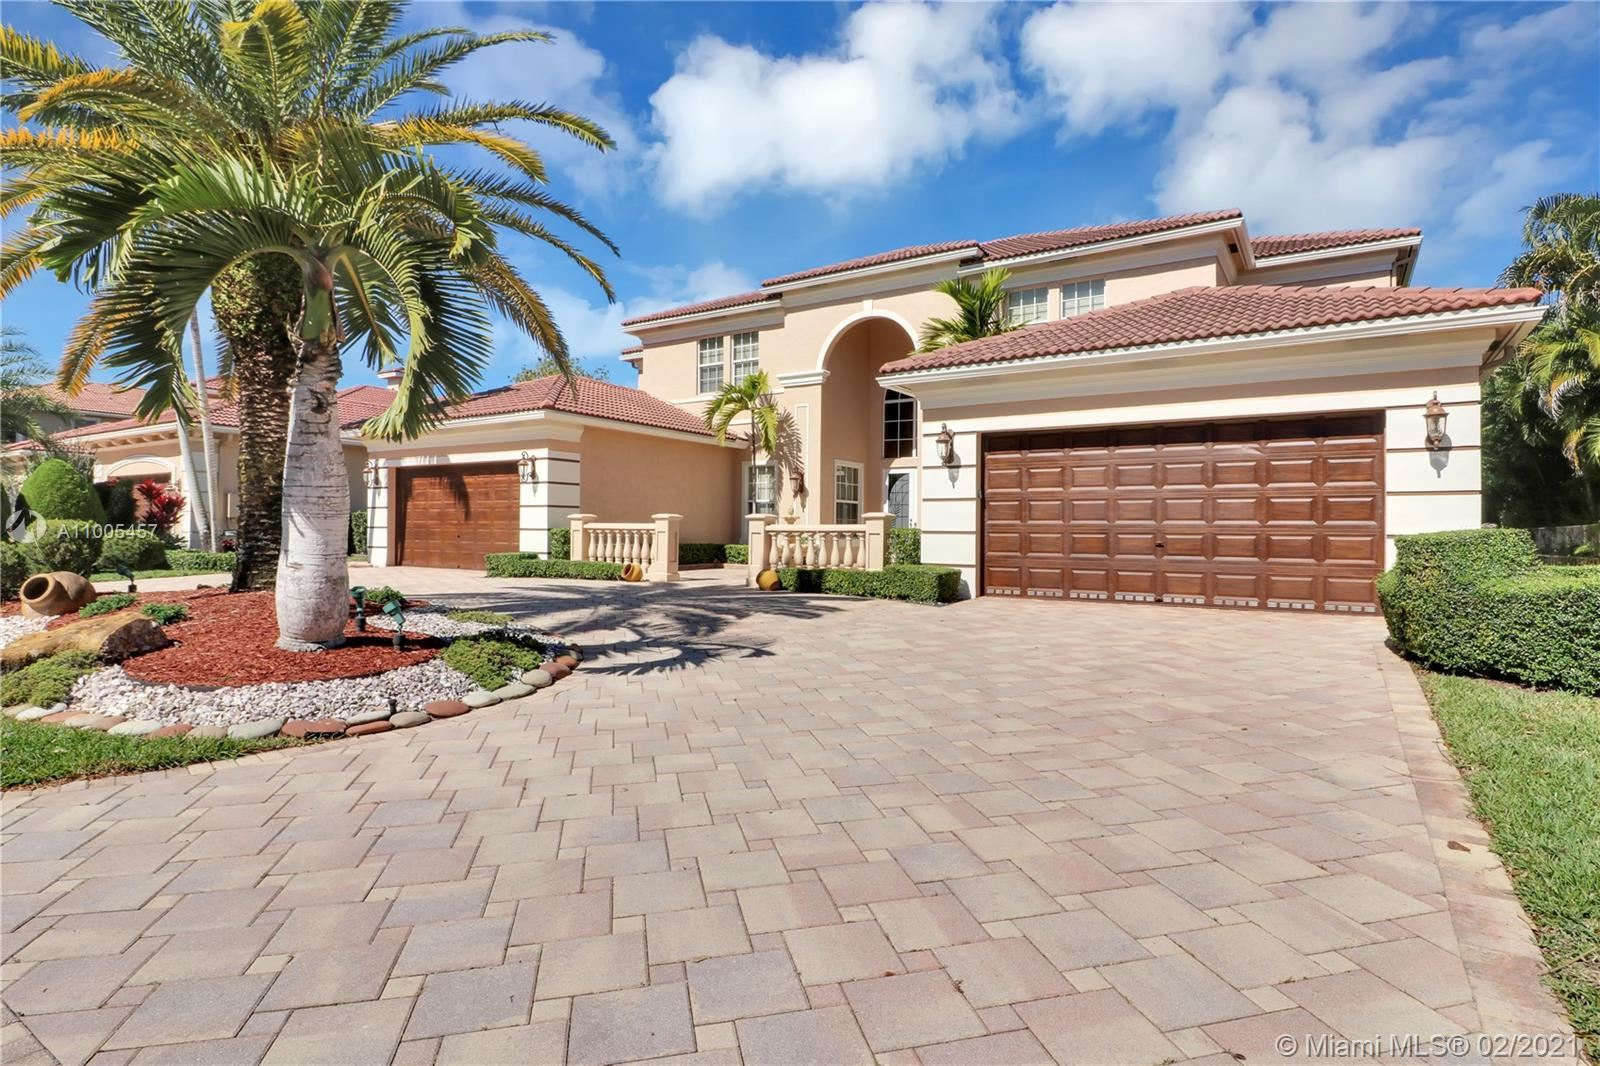 520 W Enclave Cir W, Pembroke Pines, FL 33027 - MLS#: A11005457